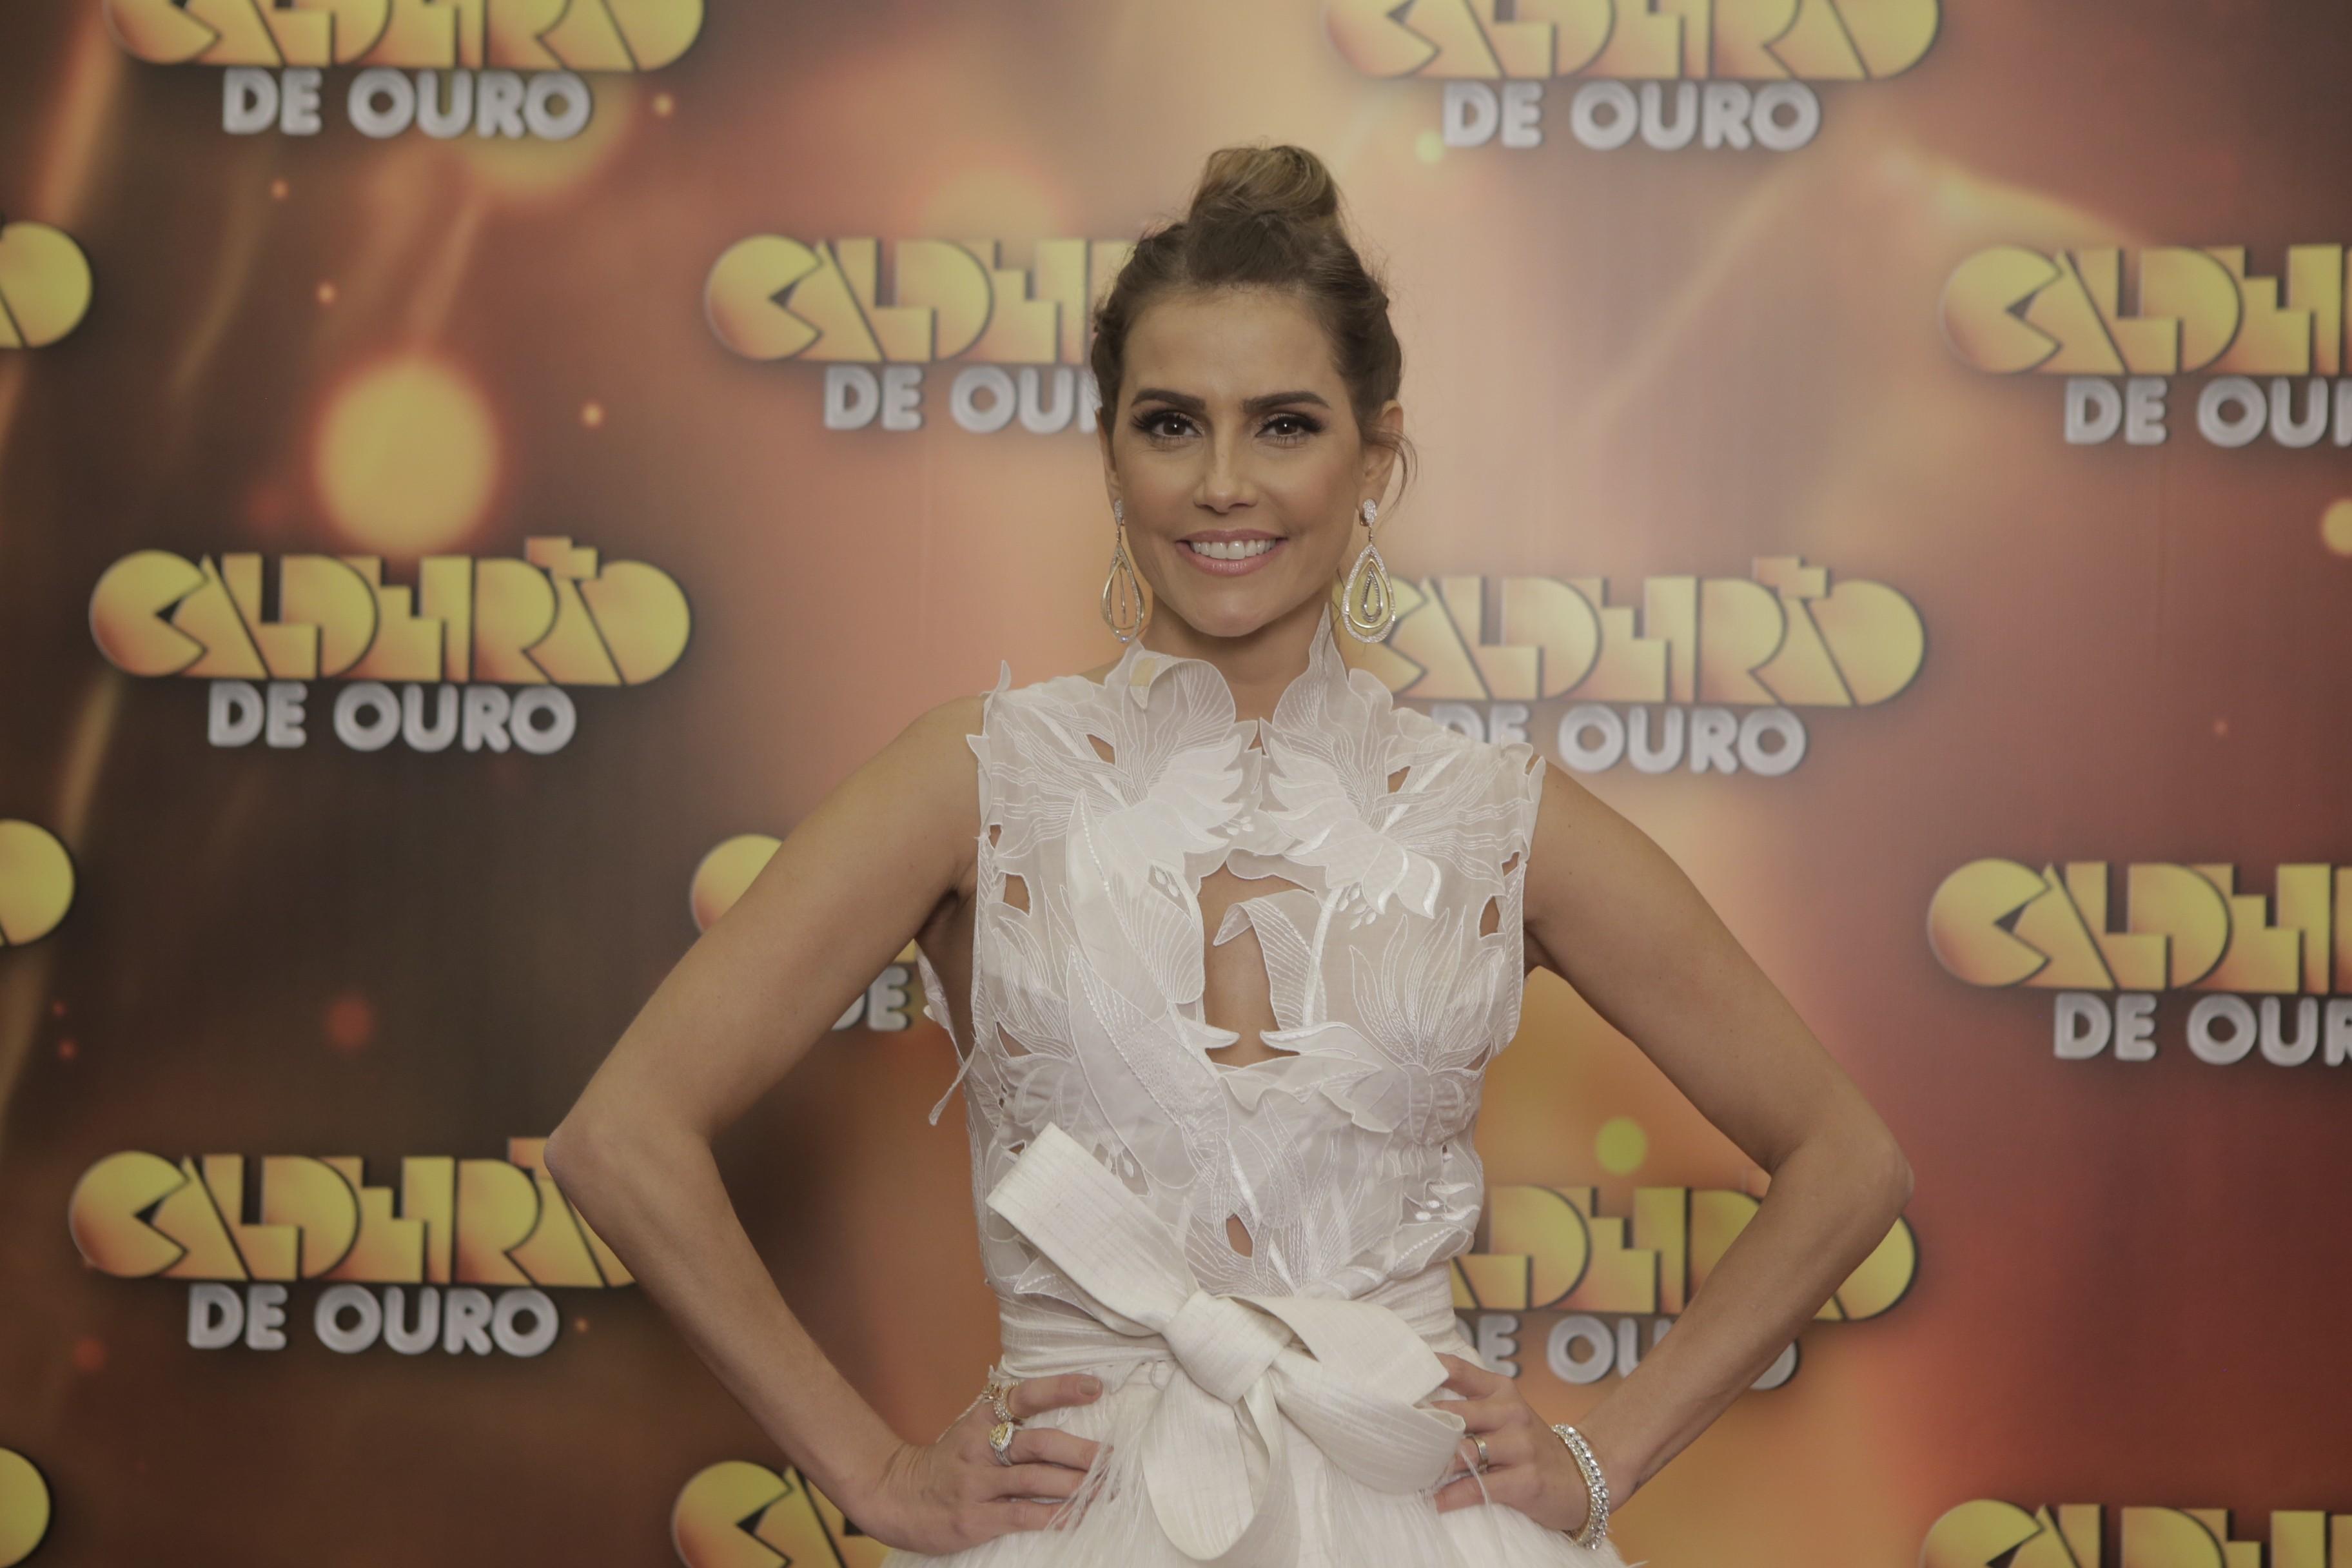 Deborah Secco Entrega Sonho Para 2017: 'Queria Muito